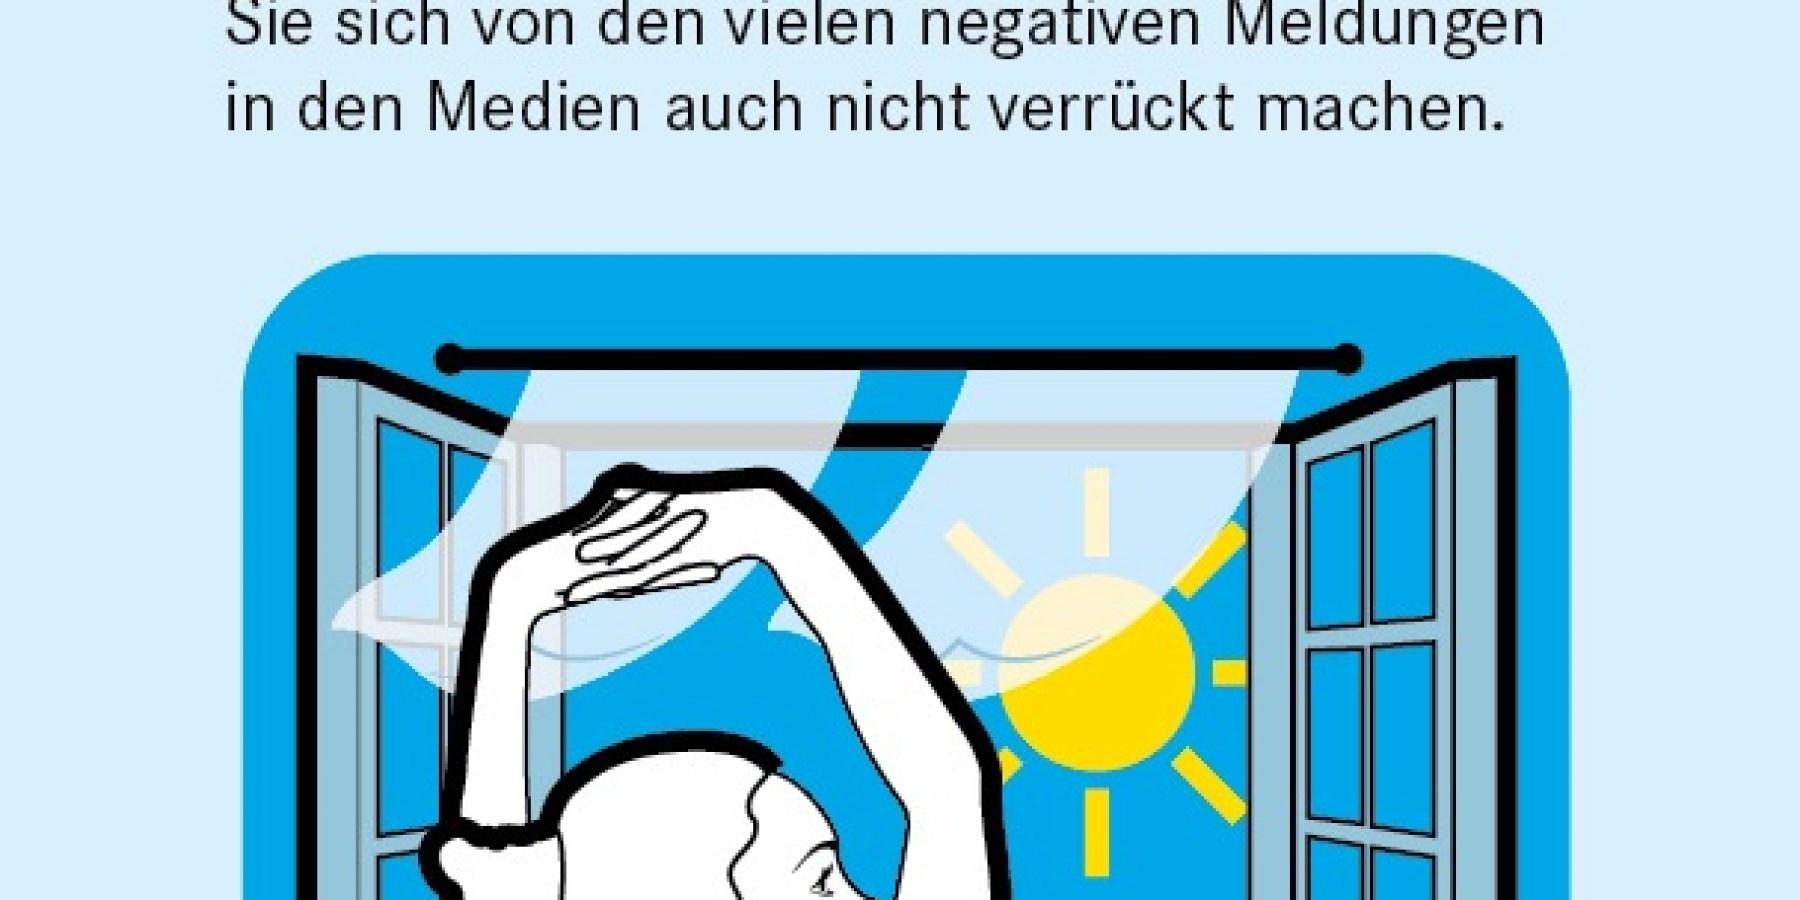 """Apotheken Umschau: Neuer Infoflyer """"Positiv denken auch in Krisenzeiten"""""""